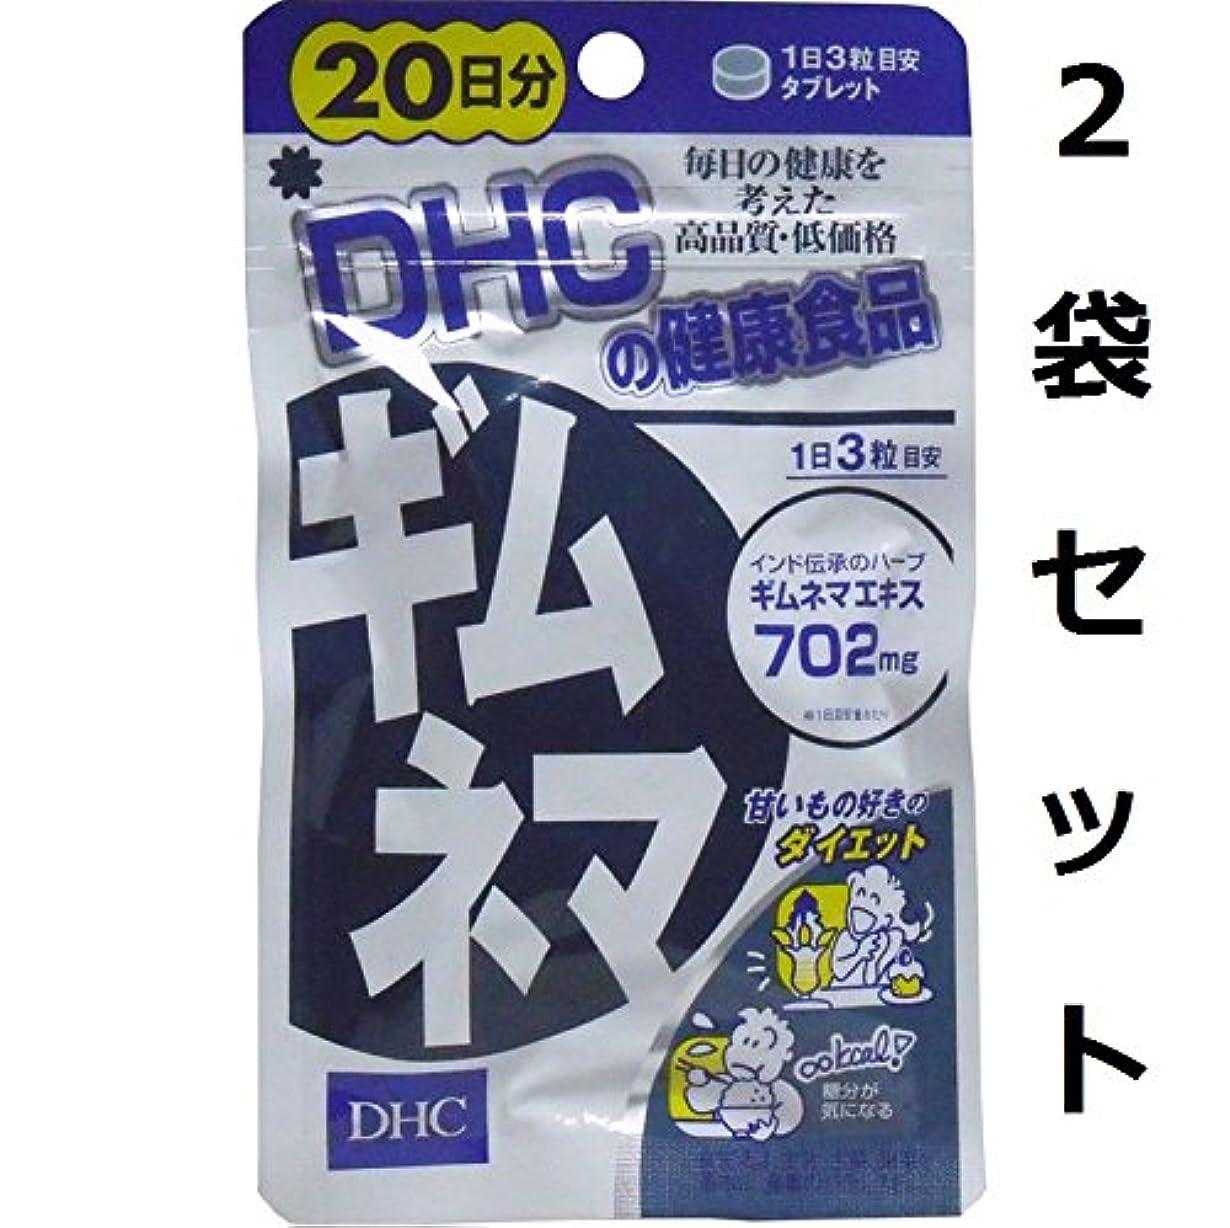 気をつけてメロディアスペニー我慢せずに余分な糖分をブロック DHC ギムネマ 20日分 60粒 2袋セット